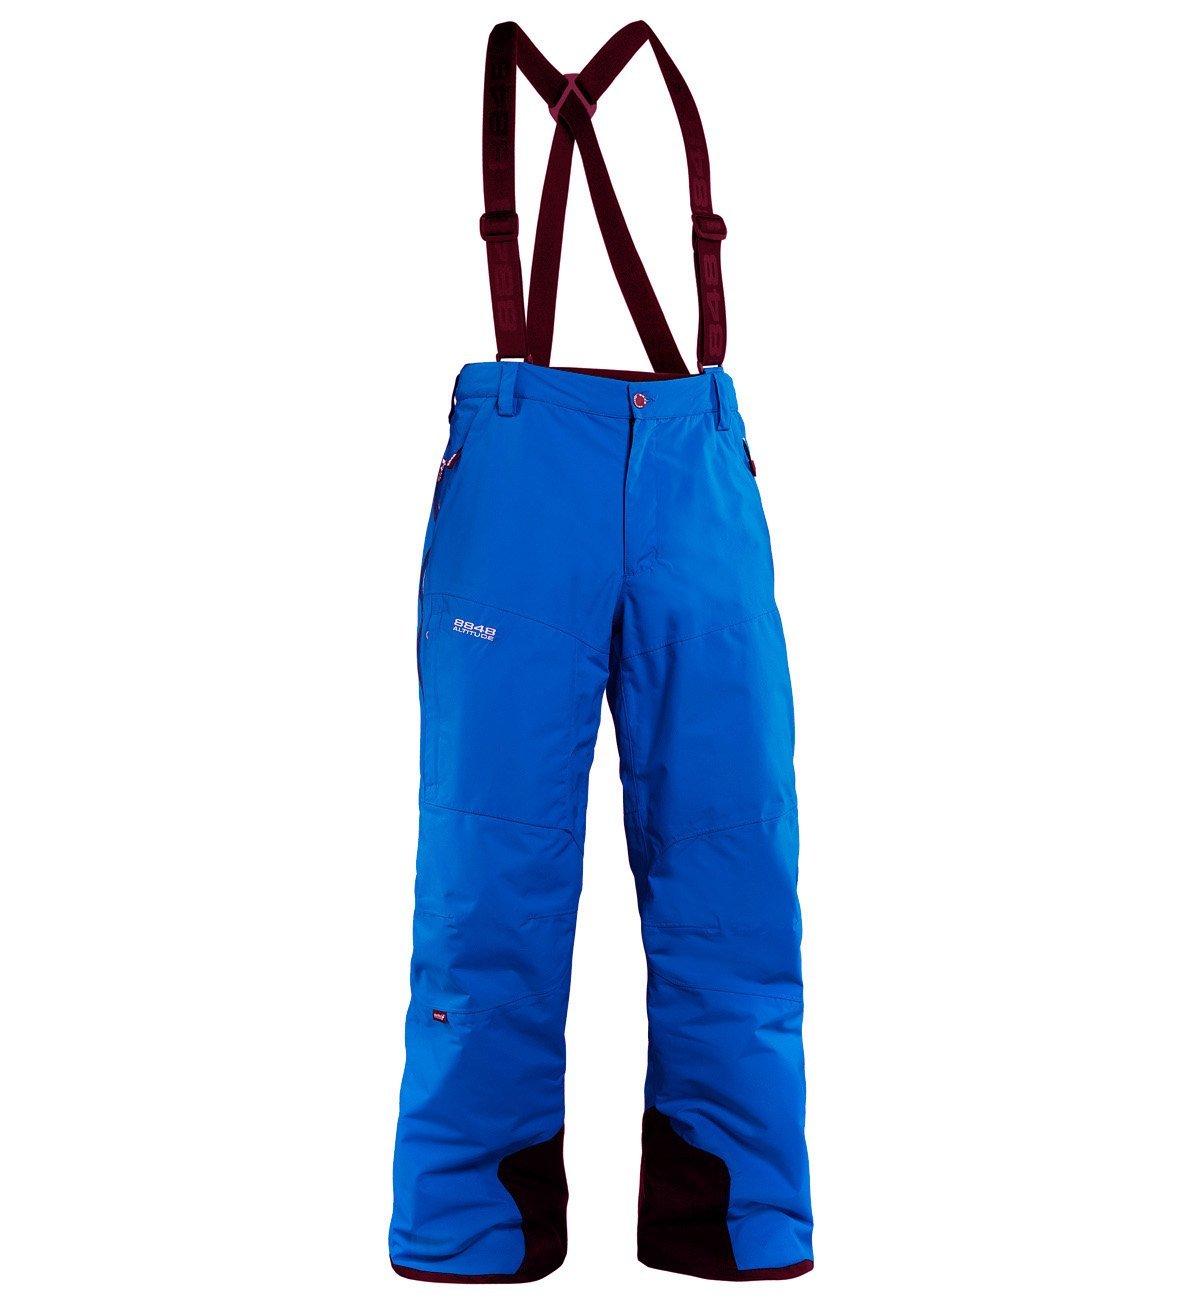 Брюки горнолыжные 8848 Altitude Coron мужские Blue